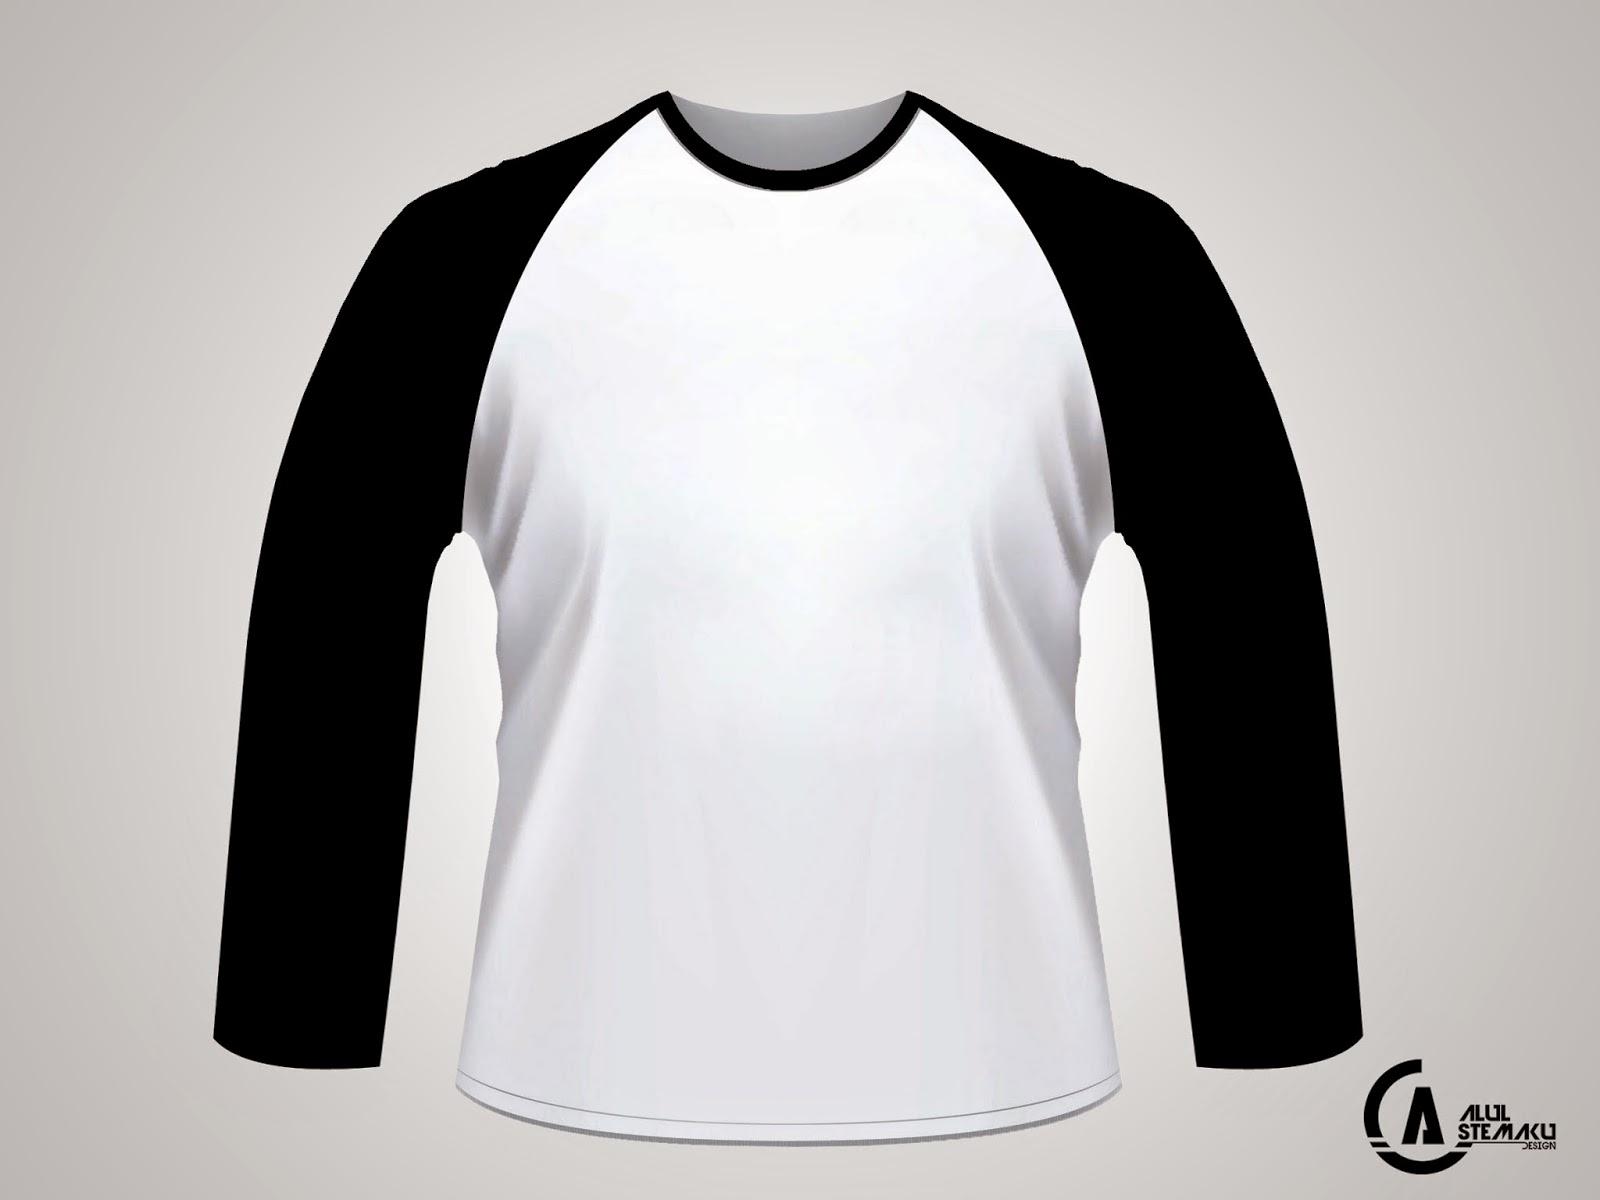 Baju Kaos Oblong Related Keywords - Baju Kaos Oblong Long